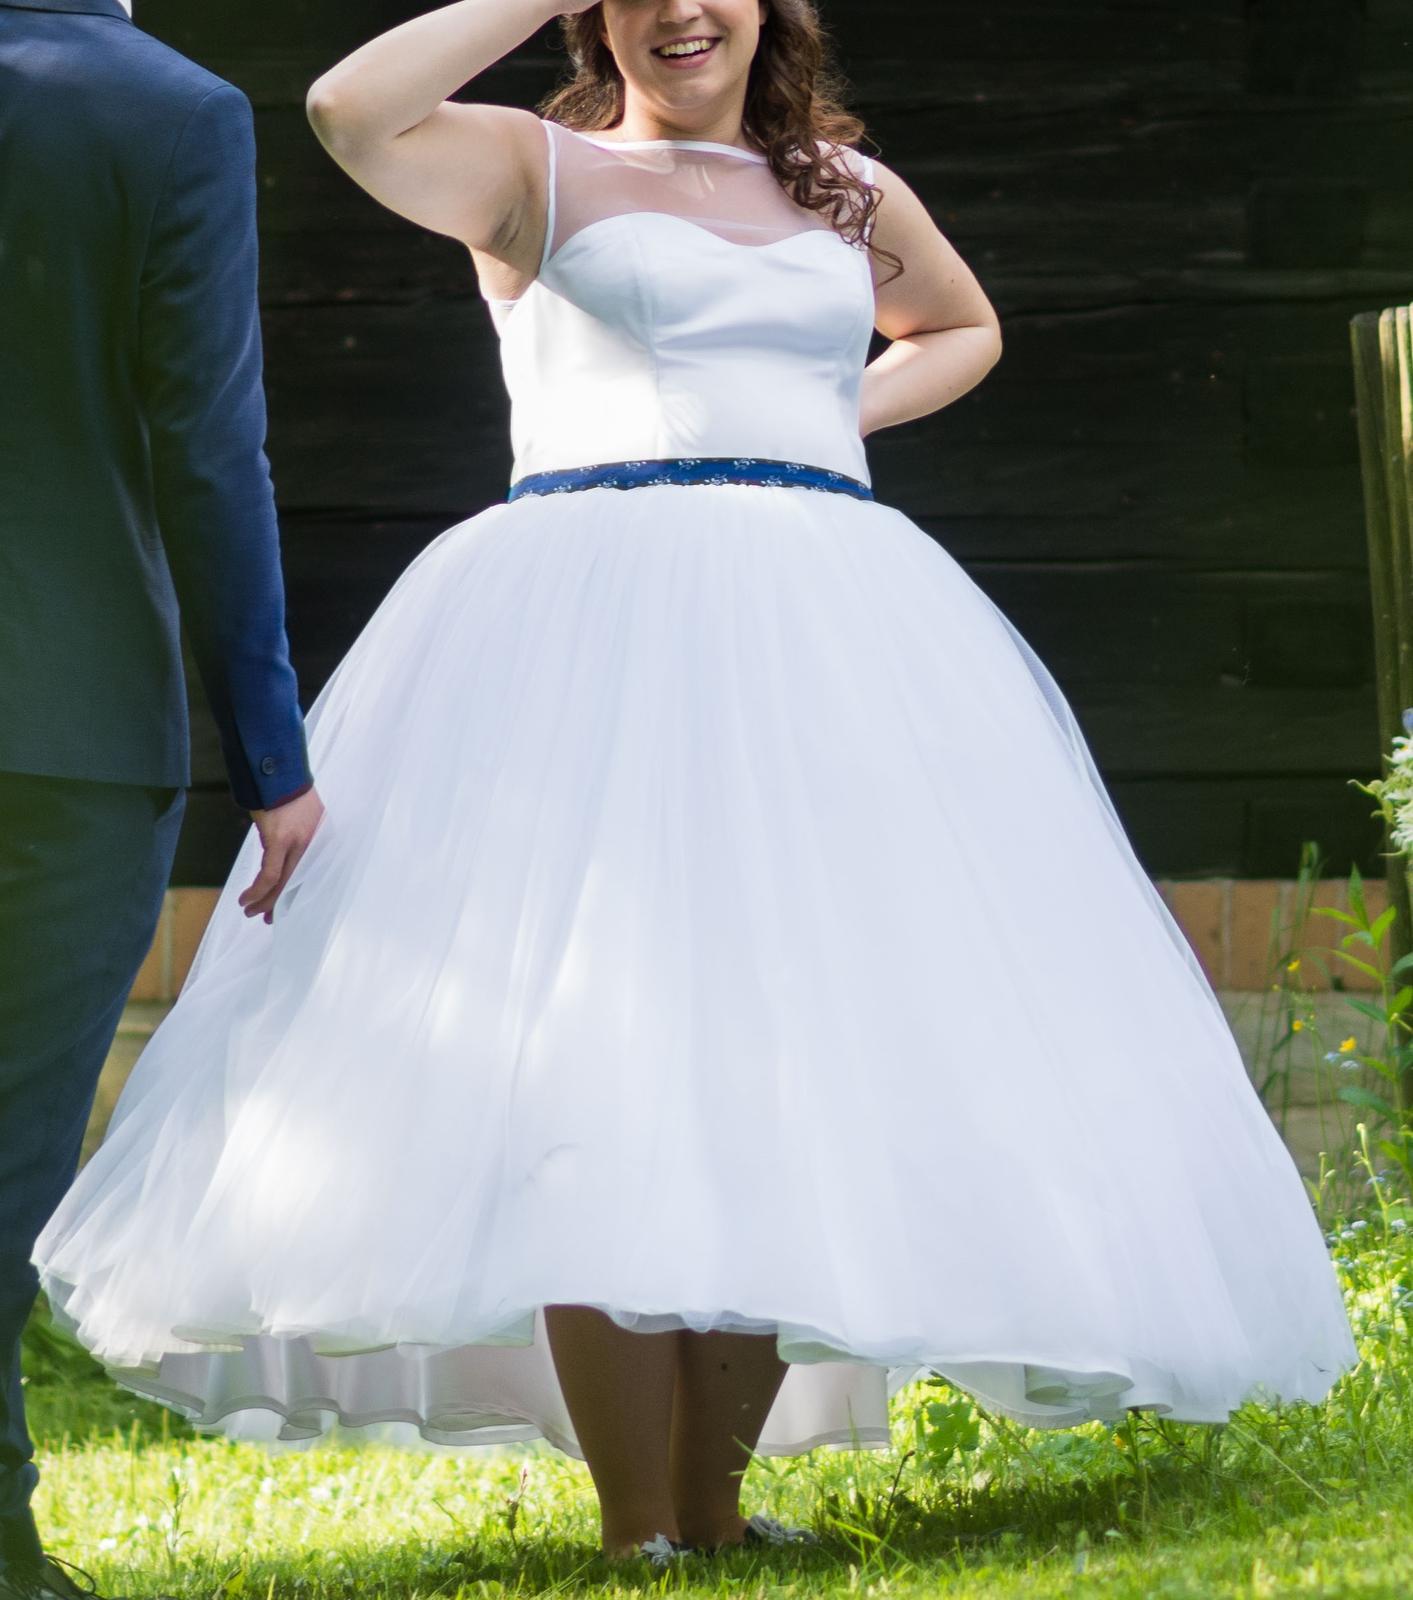 Originální svatební šaty s folklorním motivem - Obrázek č. 3